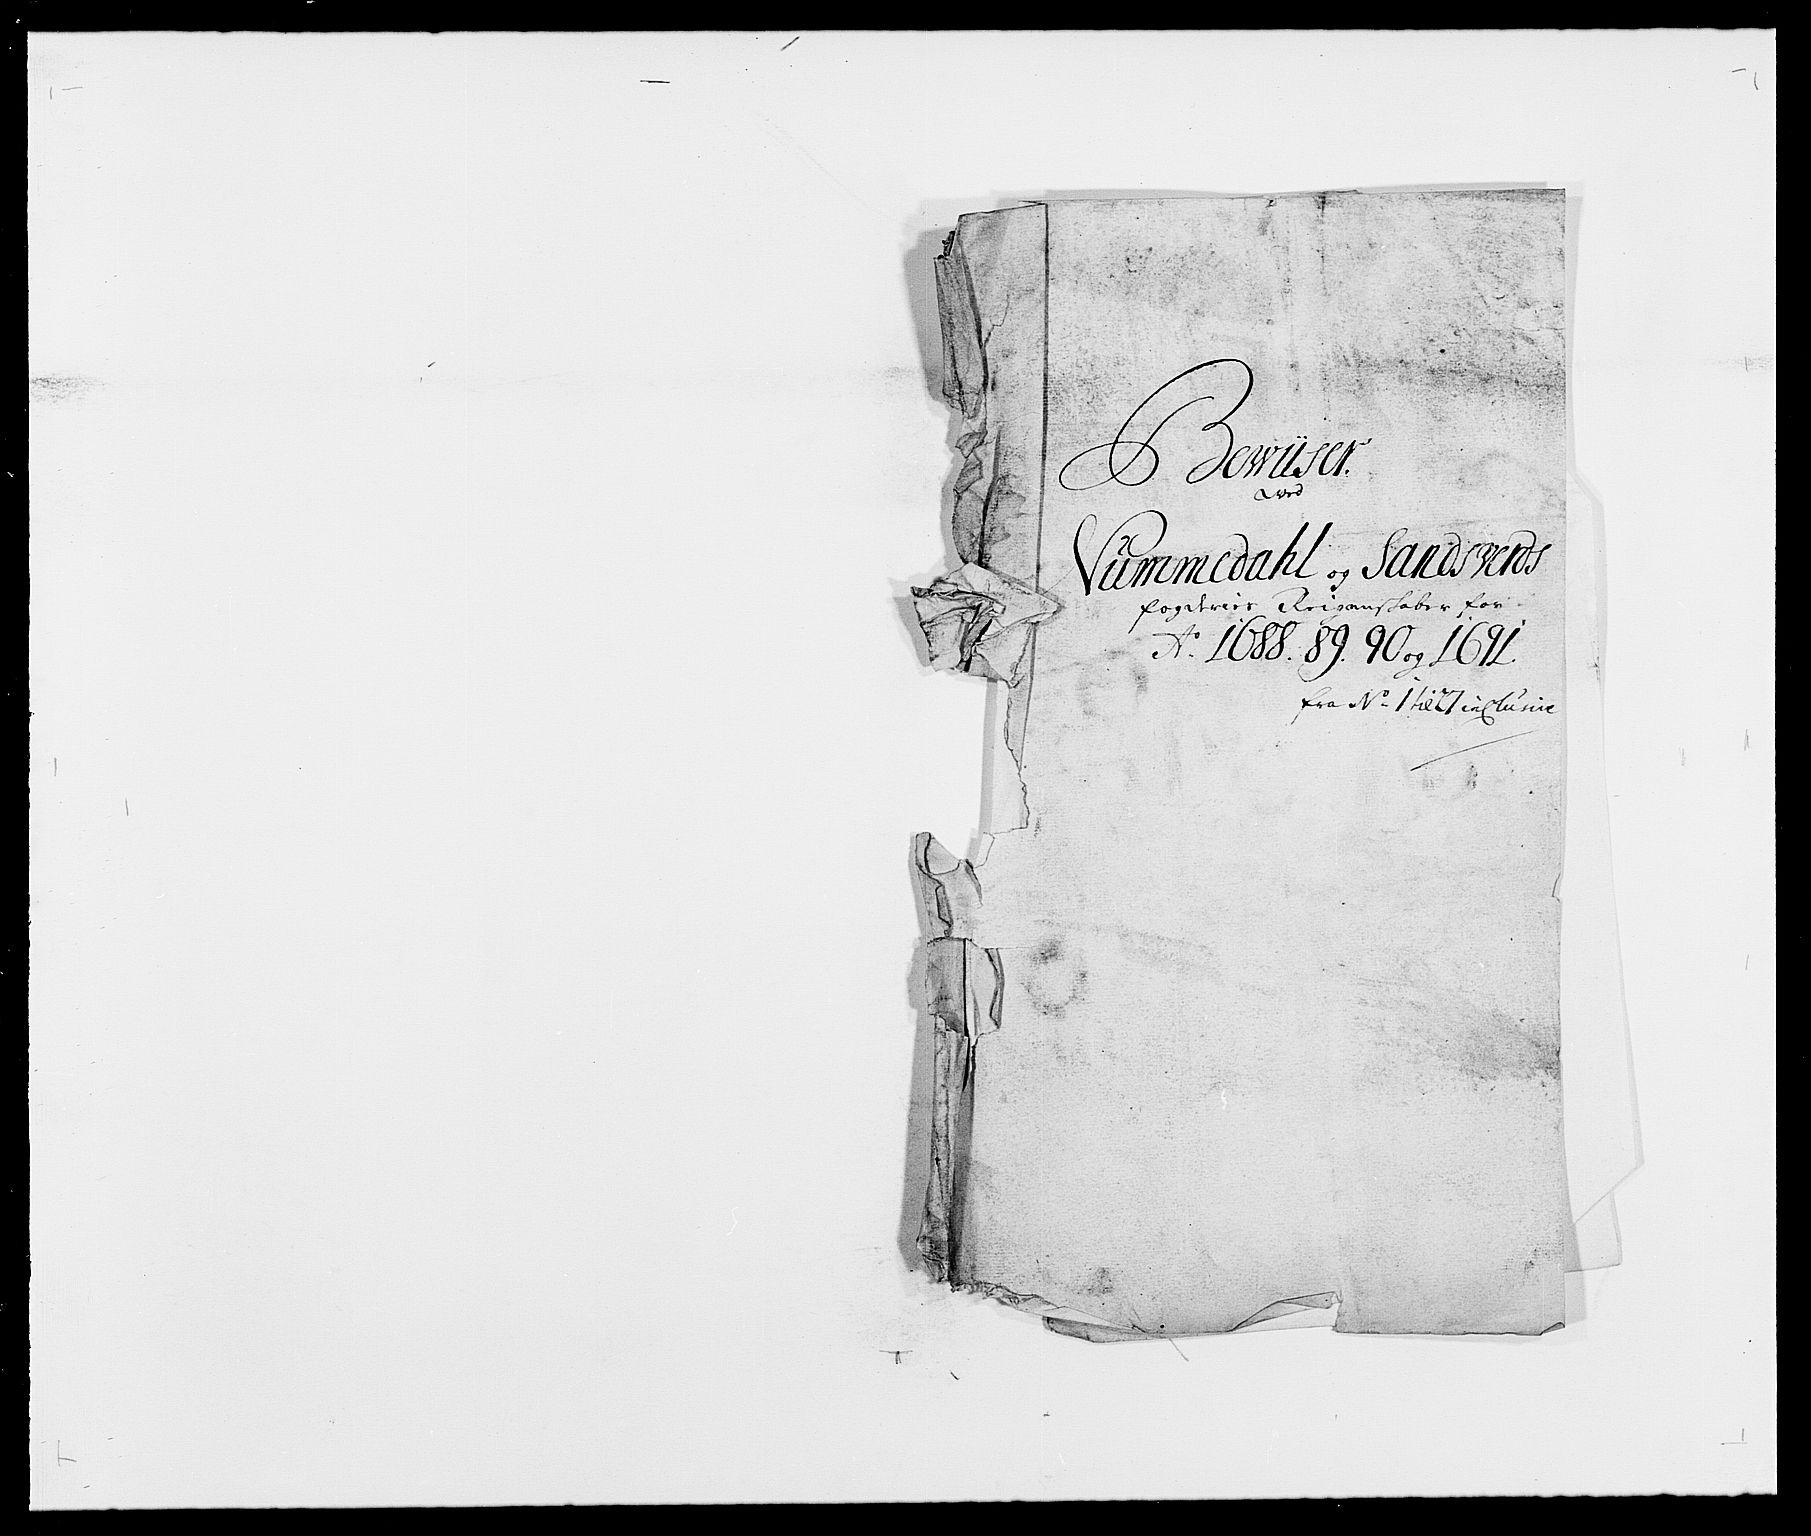 RA, Rentekammeret inntil 1814, Reviderte regnskaper, Fogderegnskap, R24/L1574: Fogderegnskap Numedal og Sandsvær, 1688-1691, s. 1